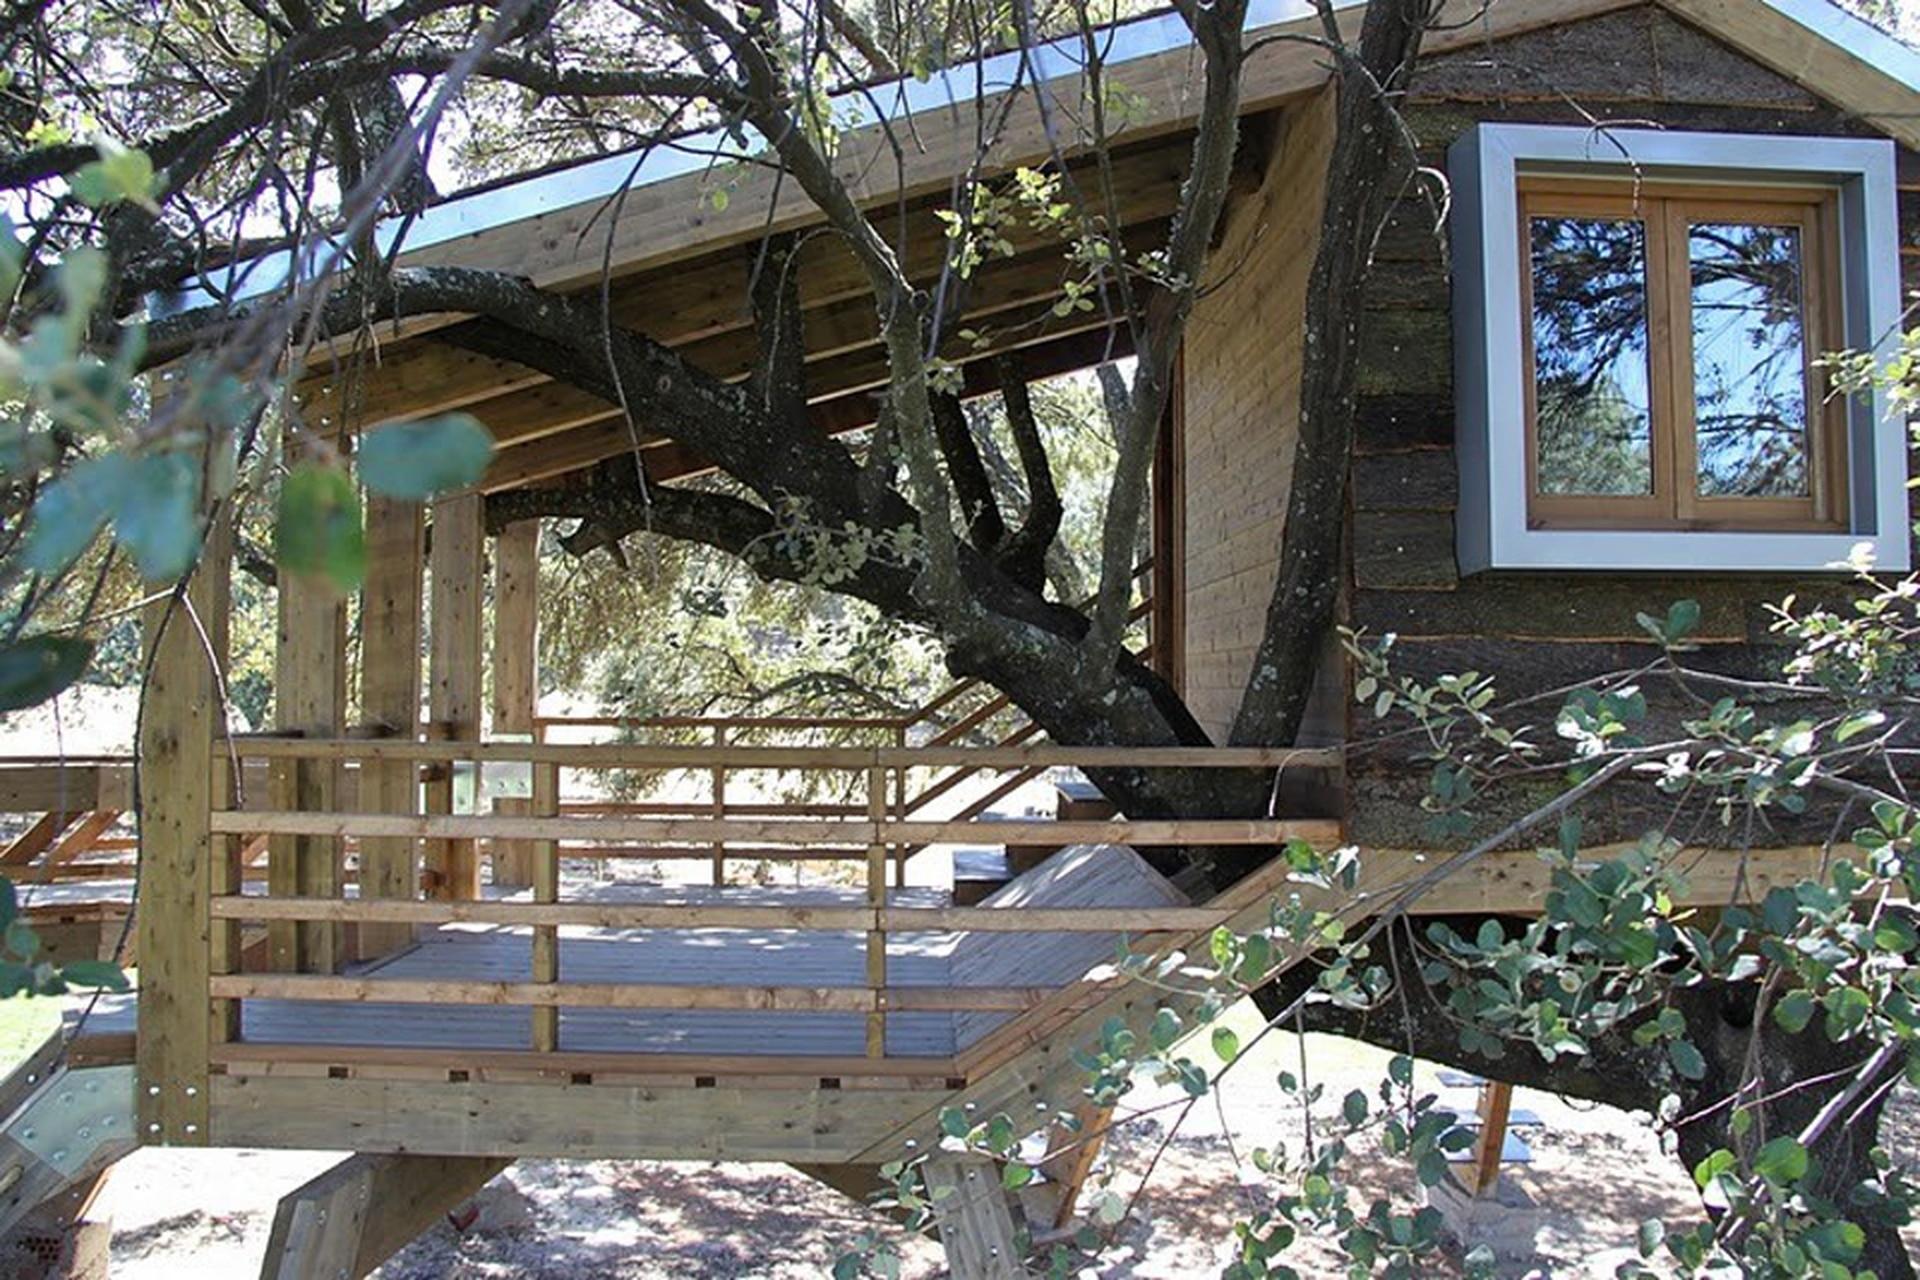 La casa del árbol del estudio Urbanarbolismo